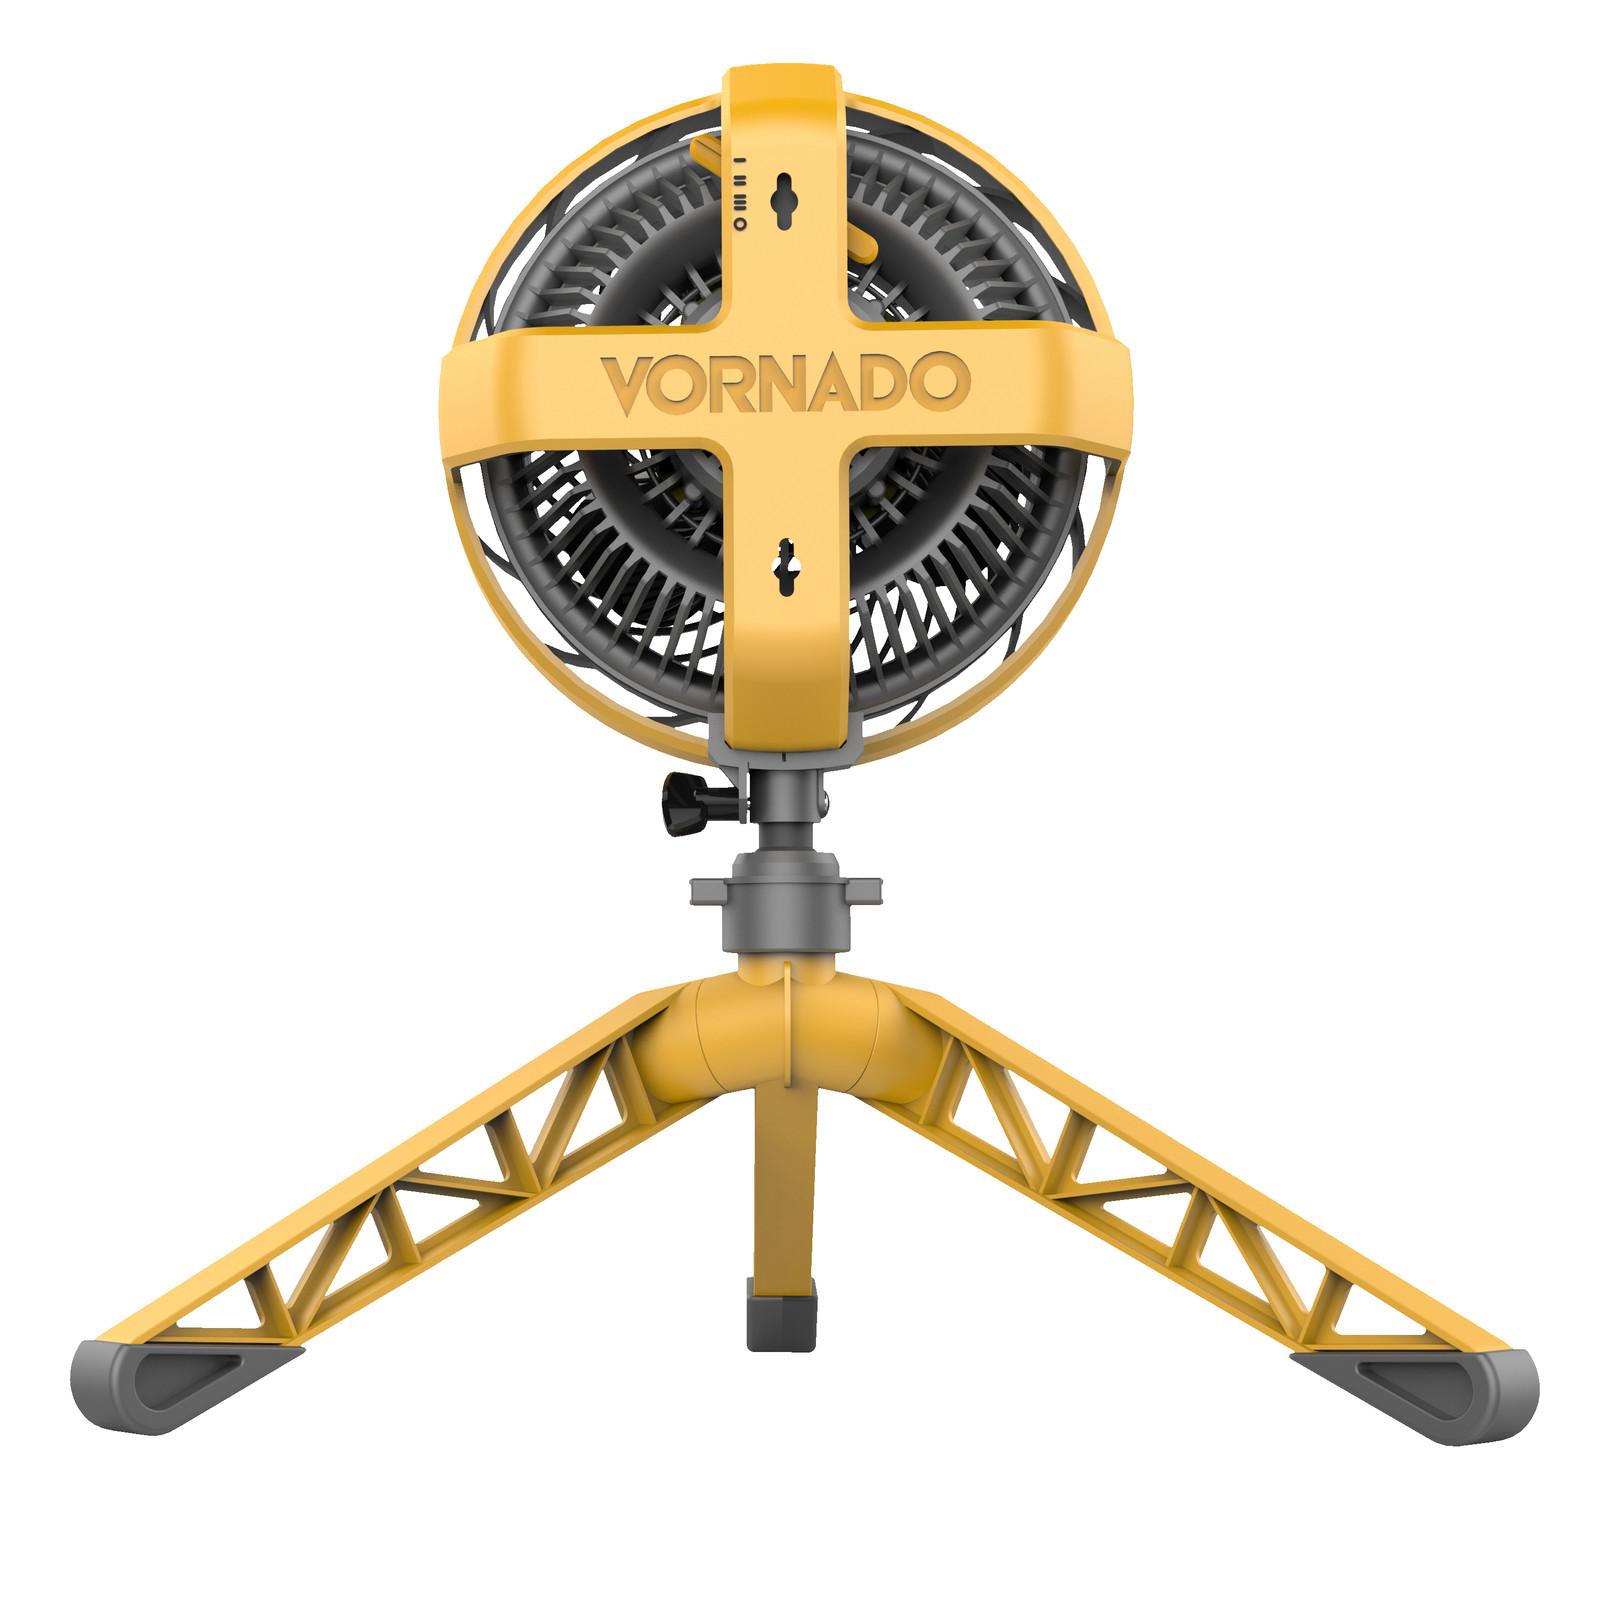 35 Watt Standventilator VORNADO 701684 EXO5 Heavy Duty